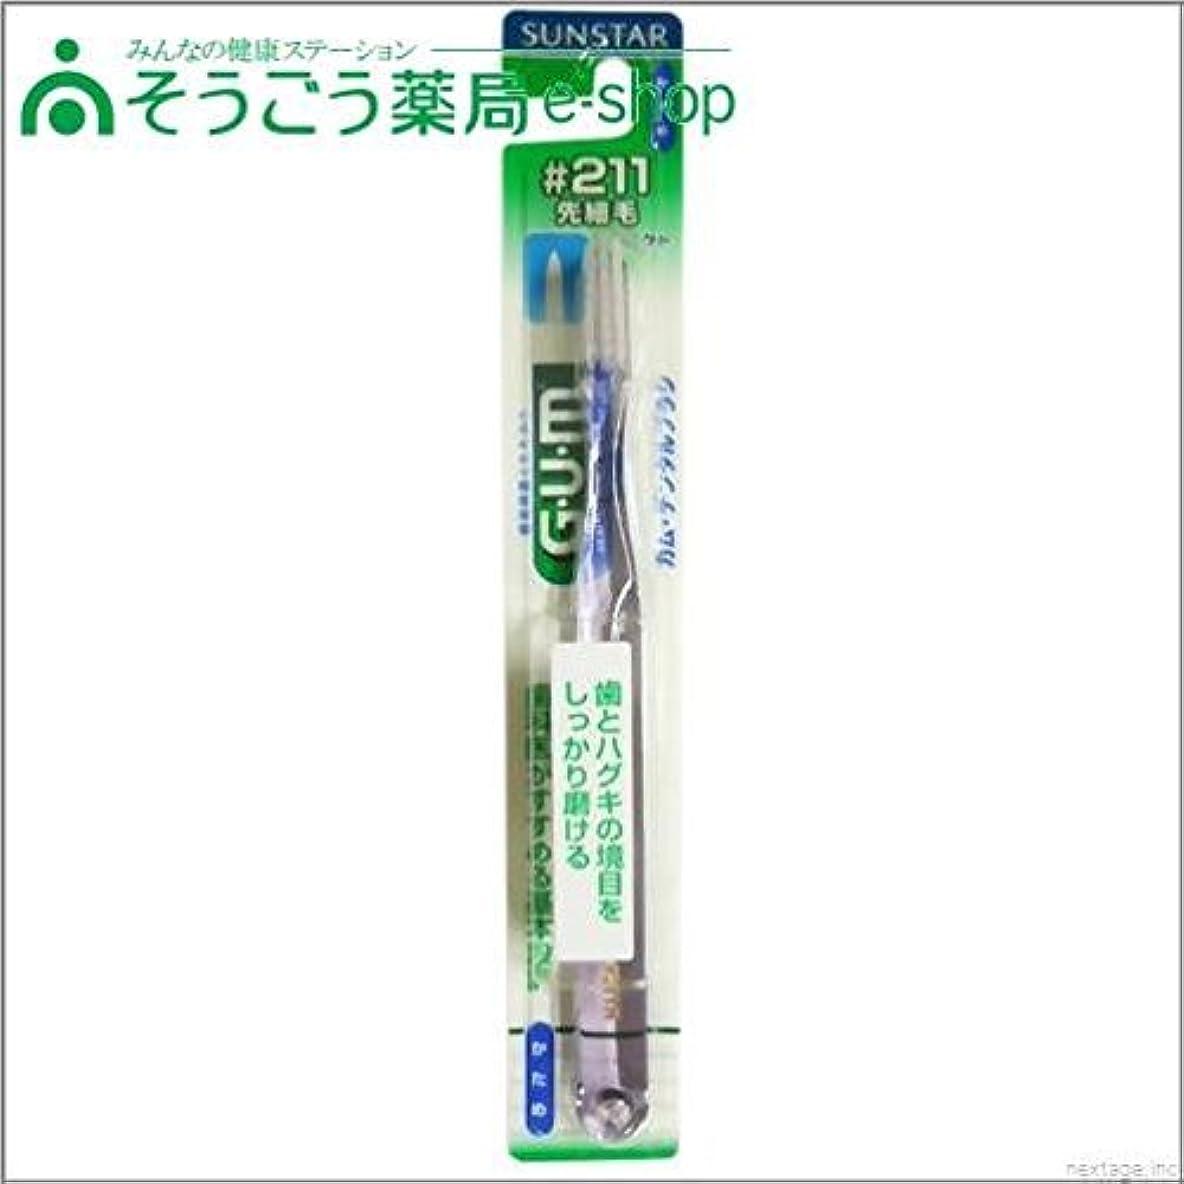 縞模様の有力者凍るサンスター GUM(ガム) デンタルブラシ #211 10個セットコンパクトヘッド かため